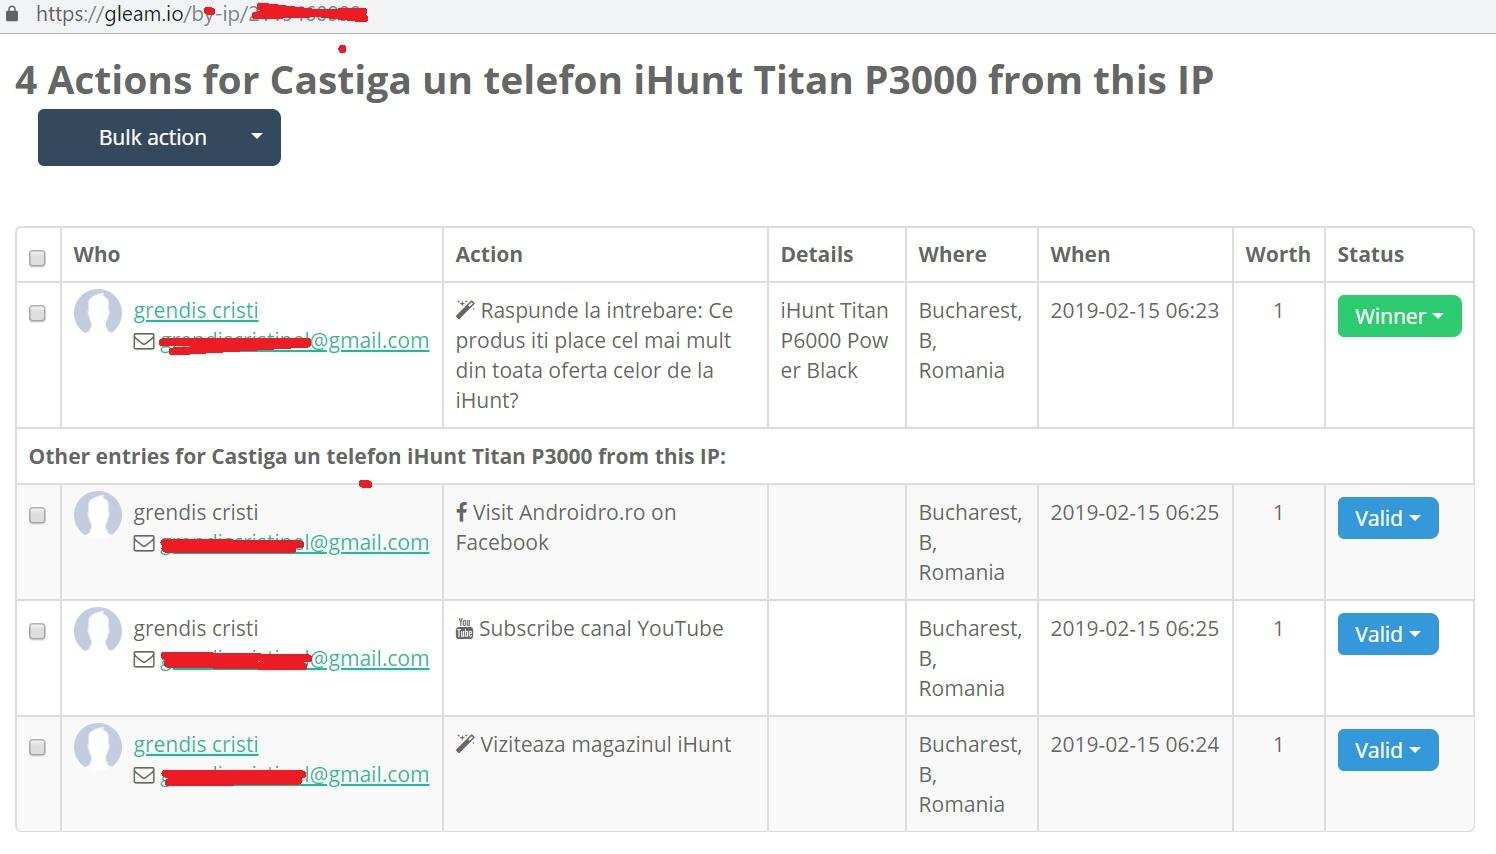 ihunt titan p3000